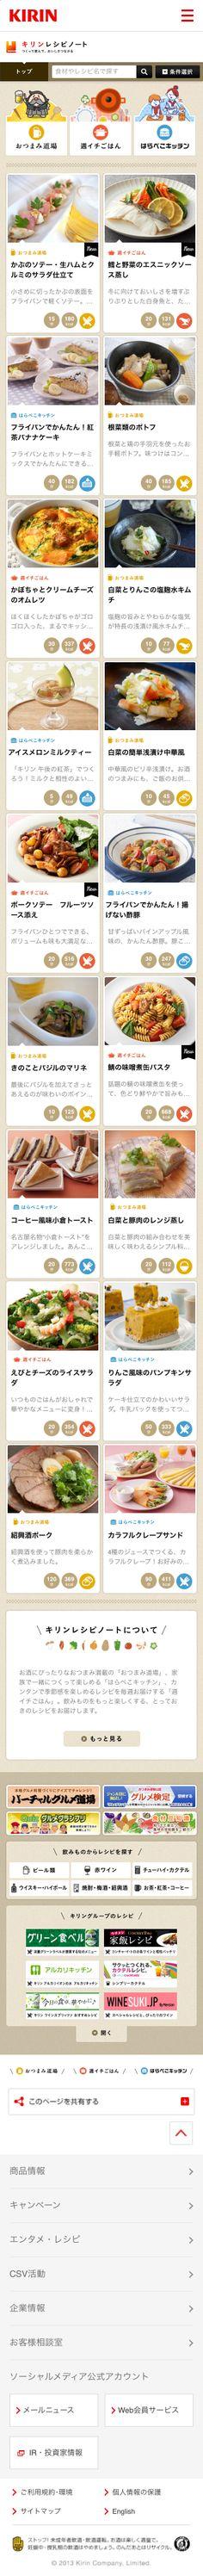 http://recipe.kirin.co.jp/